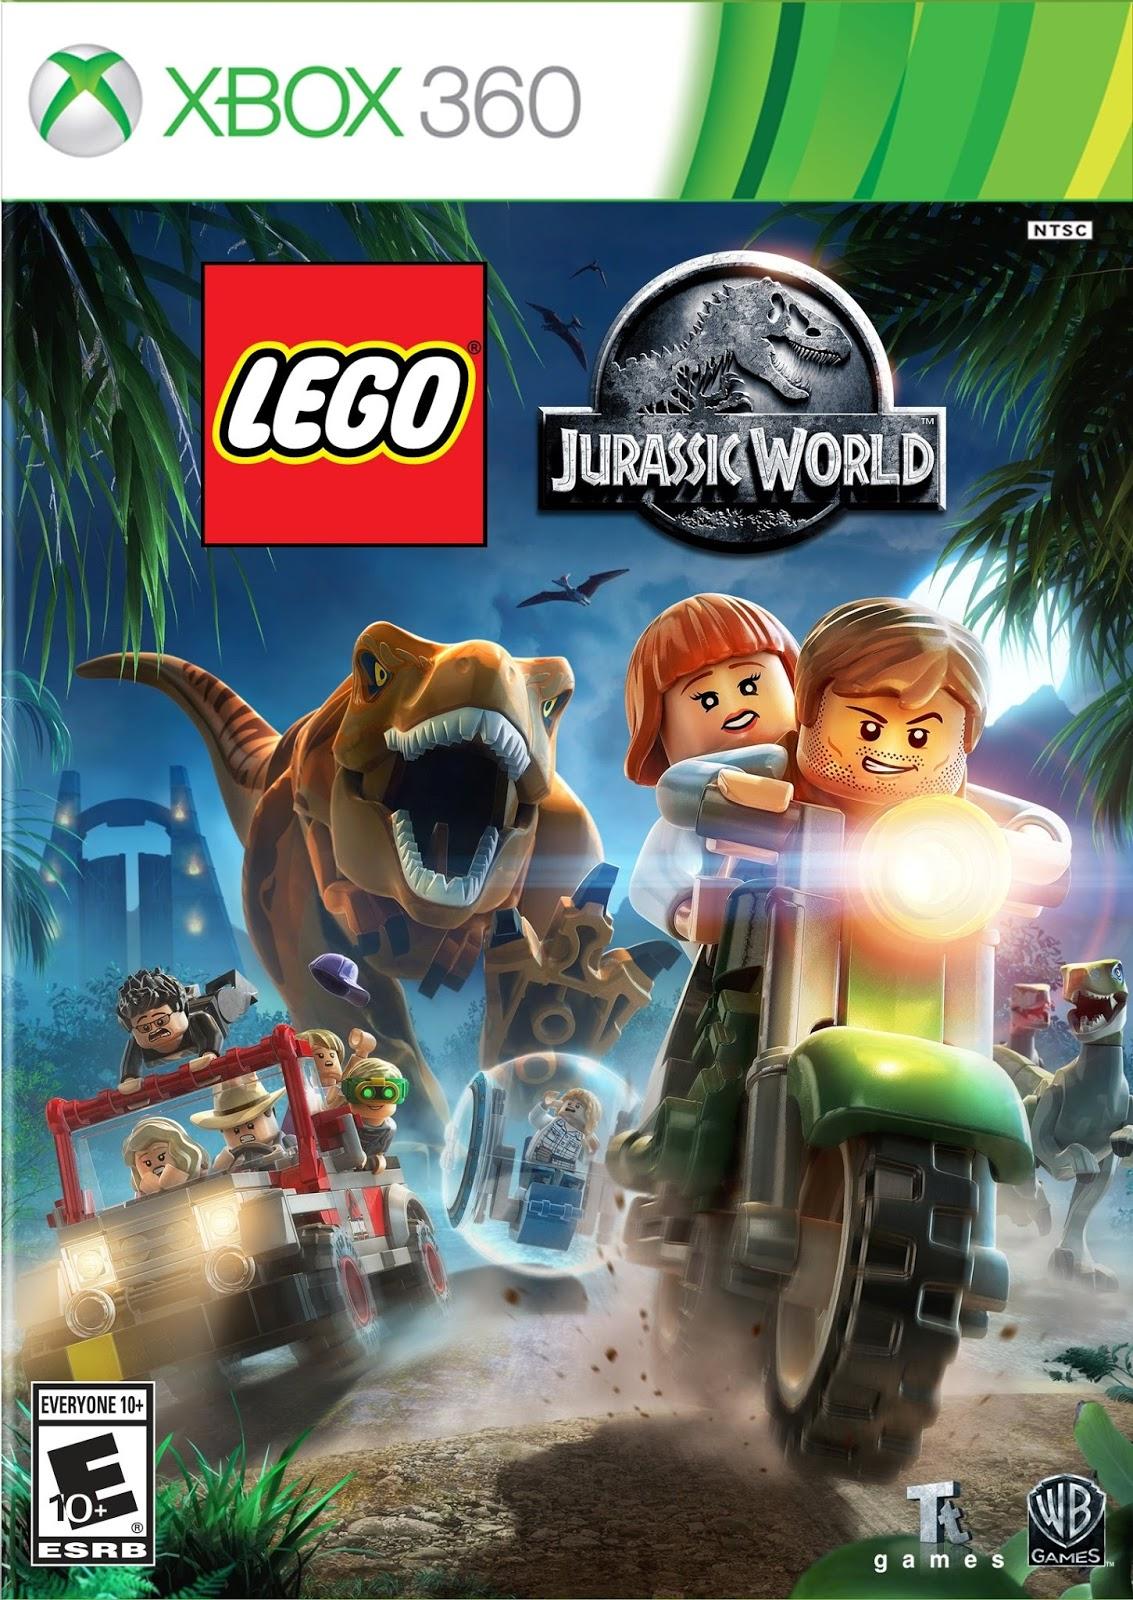 LEGO Jurassic World ESPAÑOL XBOX 360 Region FREE Cover Caratula